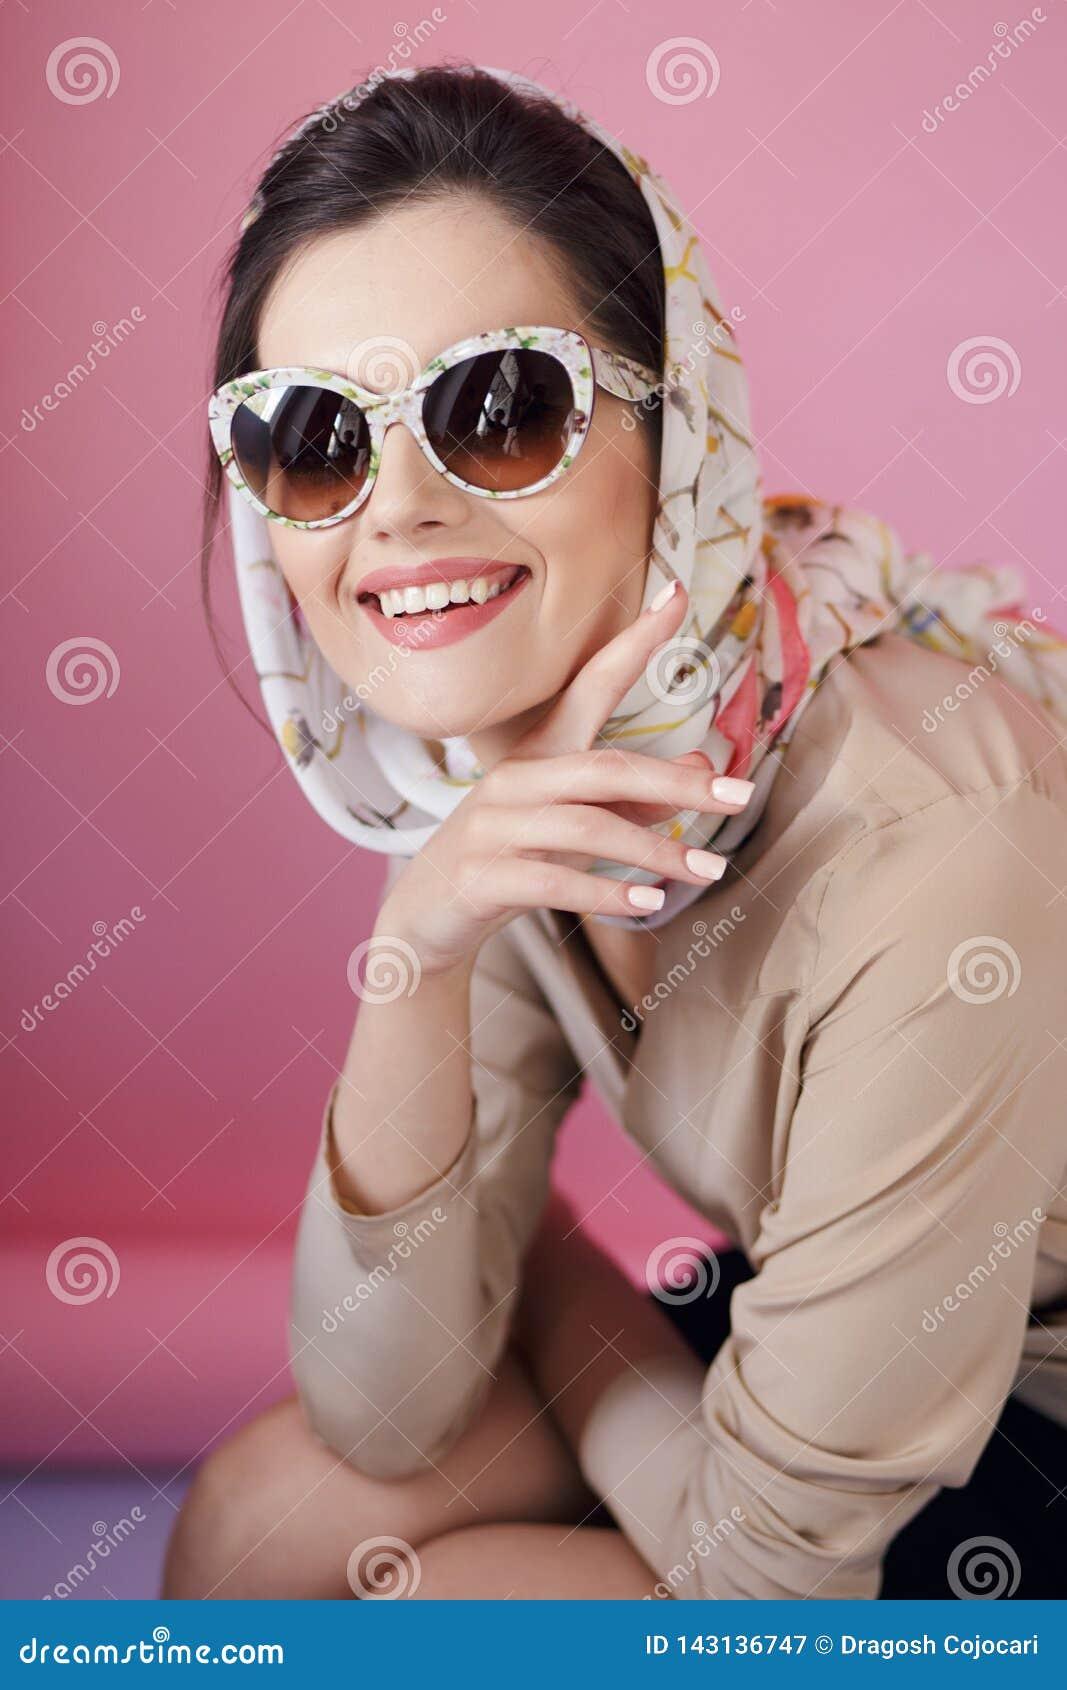 在时兴的镜片和精美丝绸围巾的快乐的美女耳环,在桃红色背景